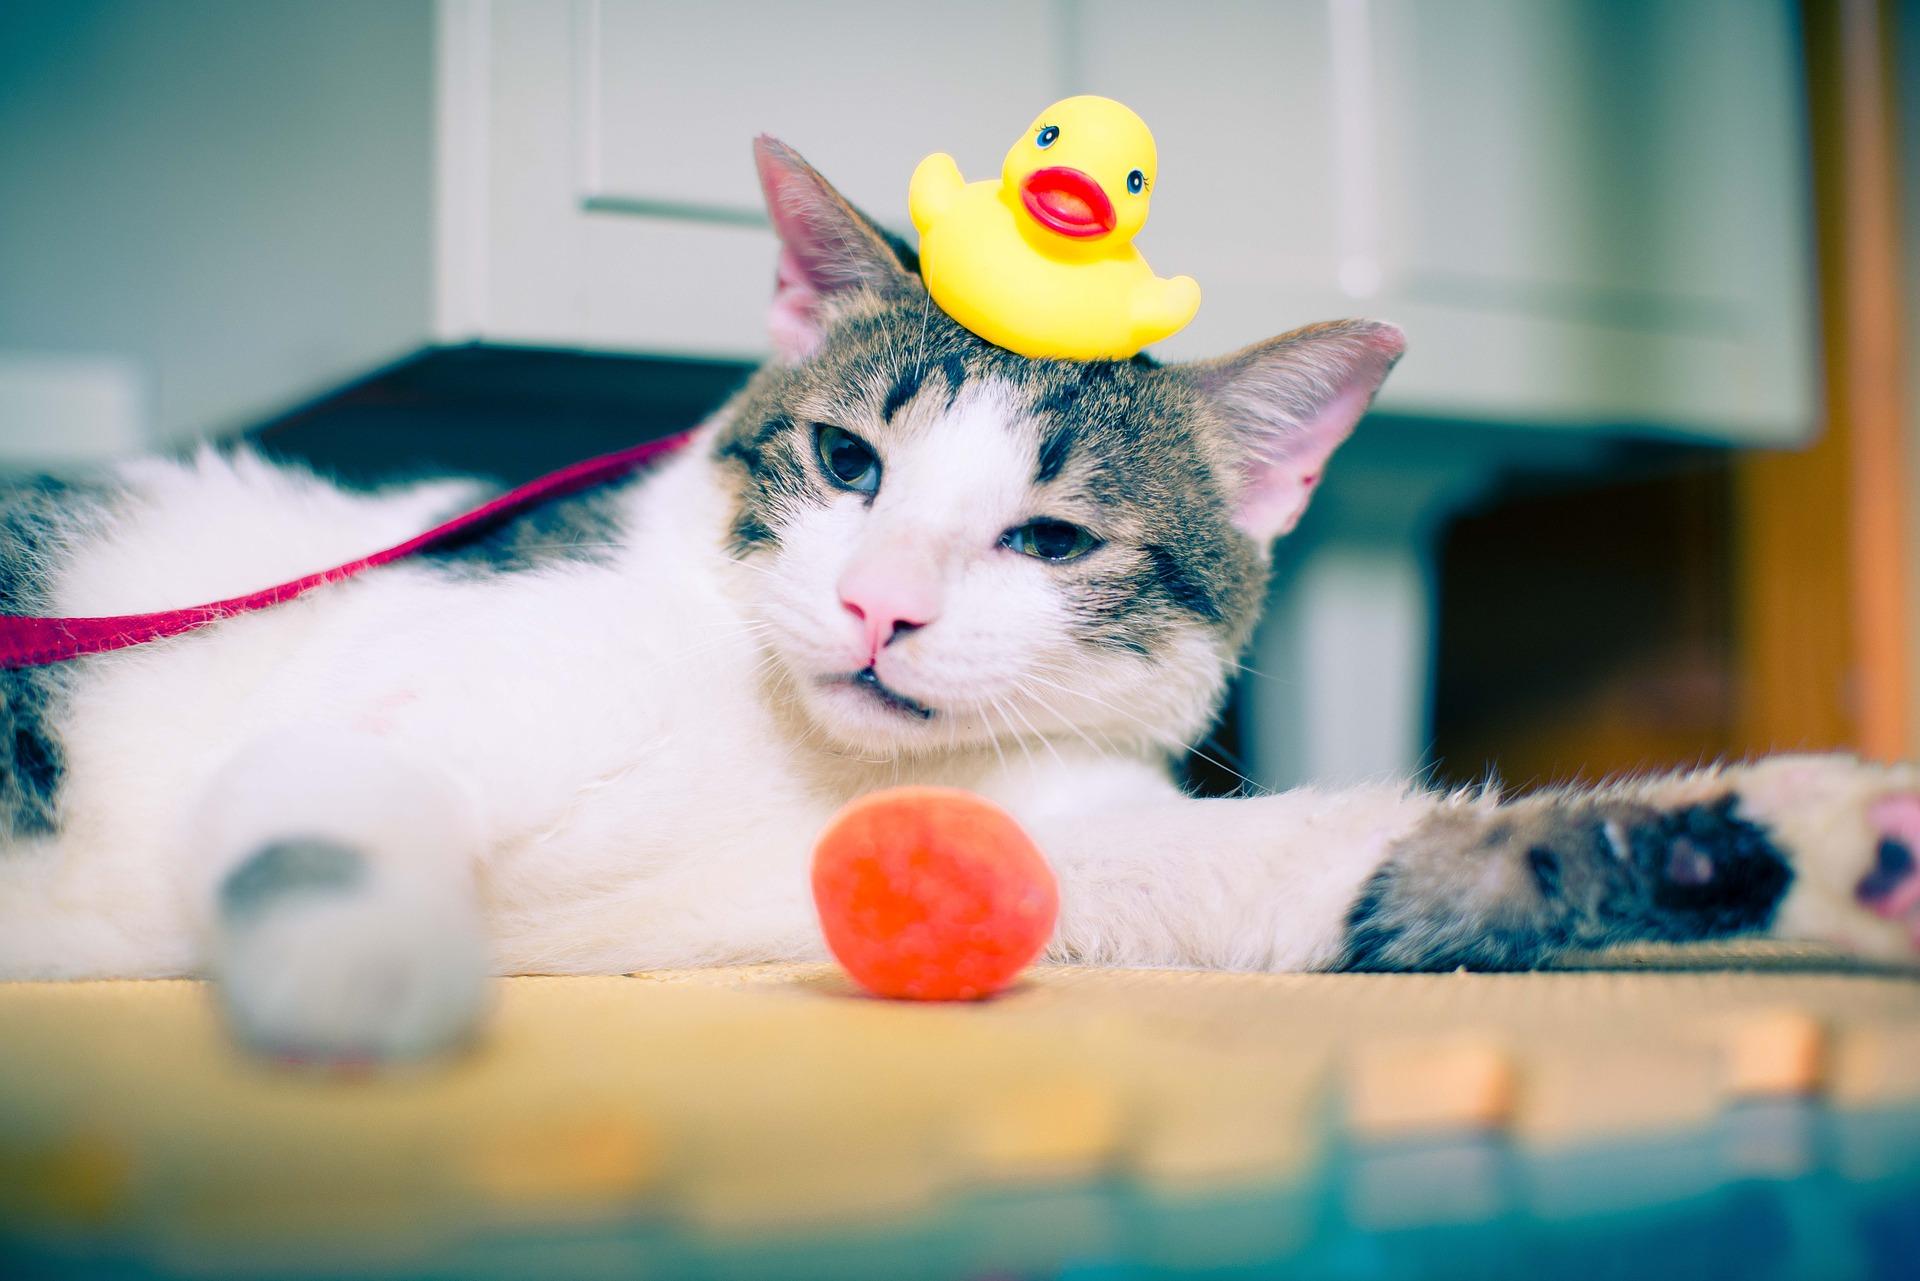 Setelah operasi steril, jauhkan kucing dari kegitan fisik yang melelahkan